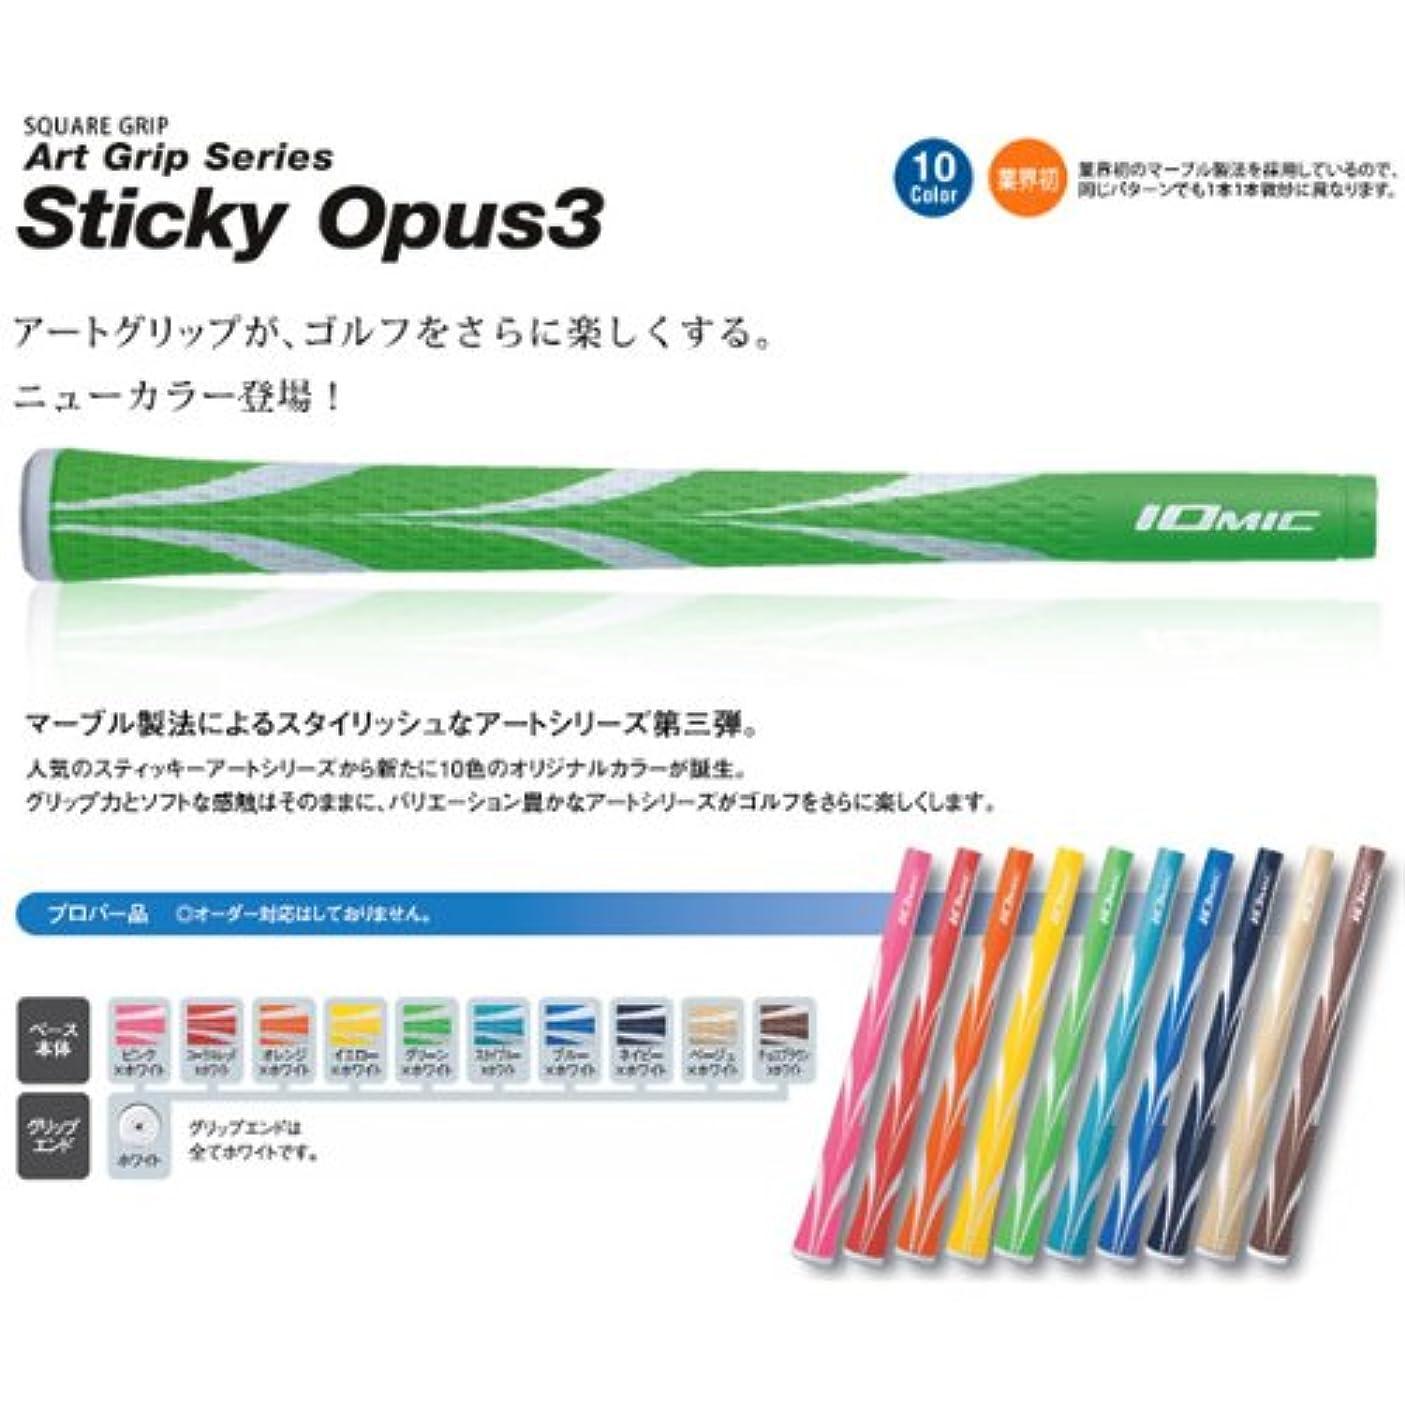 トン料理最悪IOMIC イオミック Art Grip Series アートグリップシリーズSticky Opus3 1.8 プロパー バックライン 有り(ブルー×ホワイト)